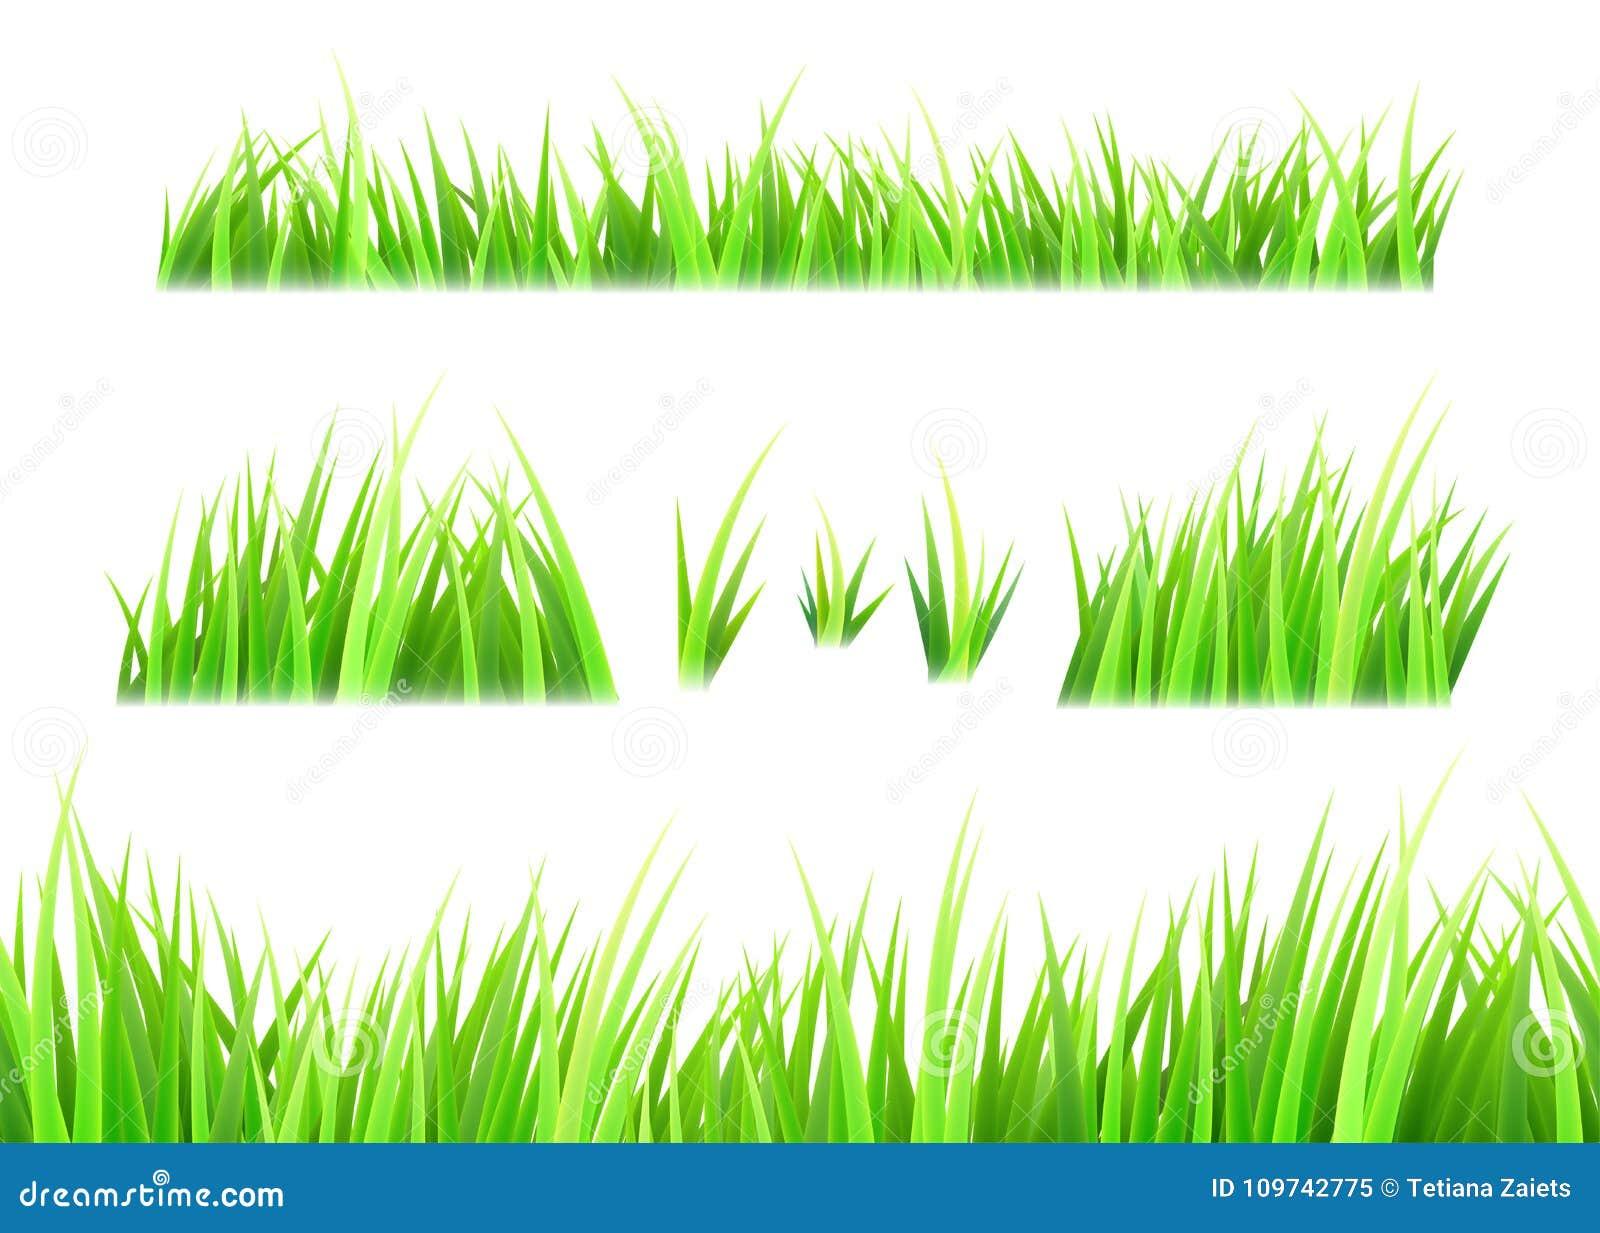 Διάνυσμα χλόης που απομονώνεται στο άσπρο υπόβαθρο Τούφες της χλόης Πράσινο σύνολο θερινών χορτοταπήτων